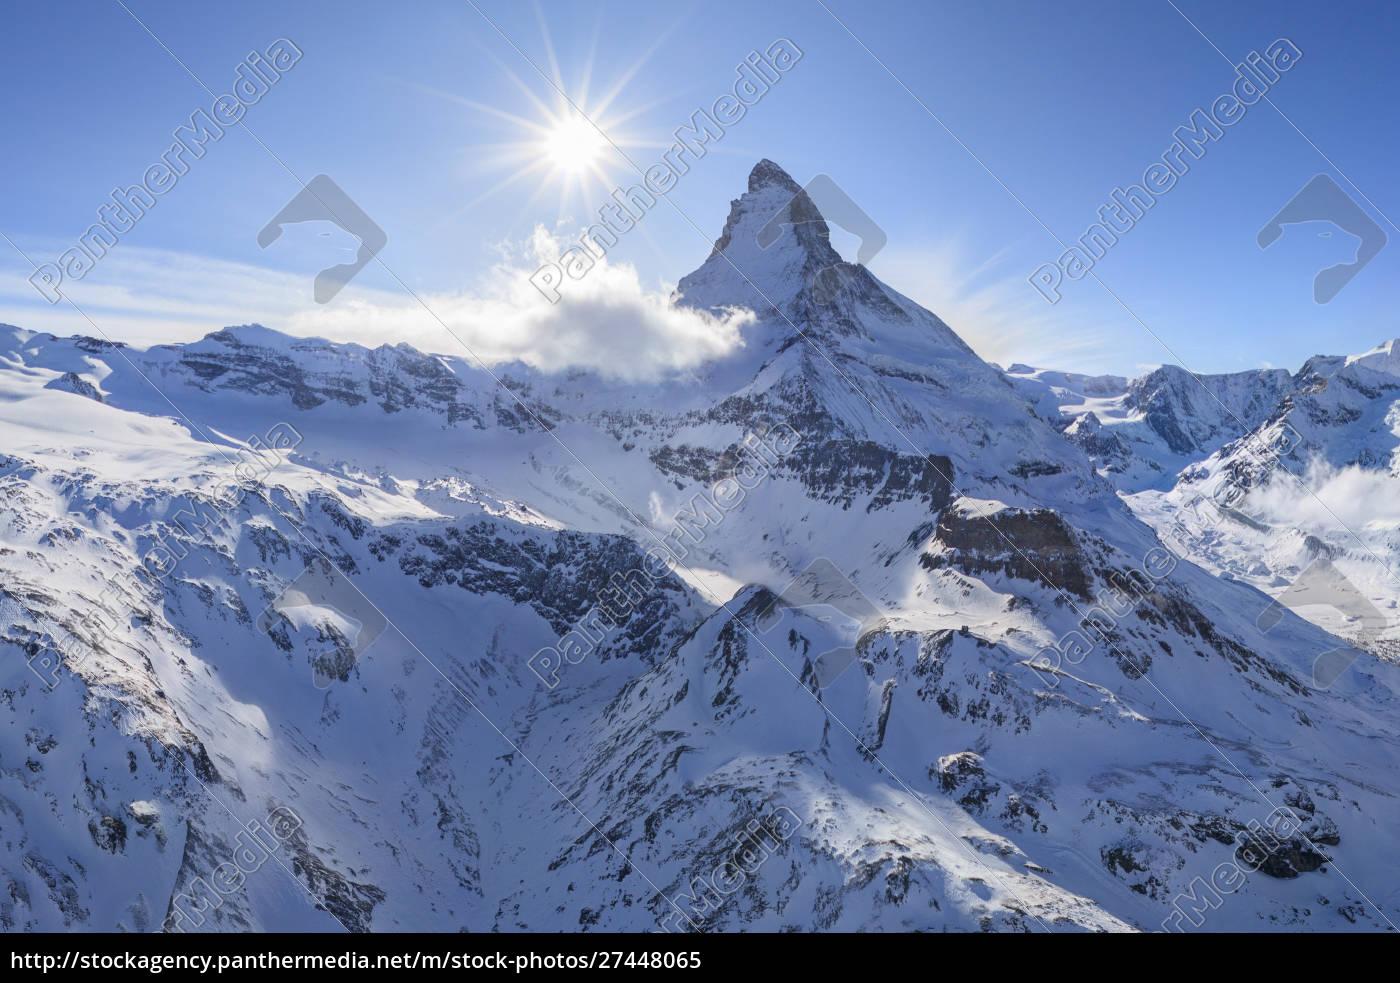 panoramic, aerial, view, of, matterhorn, , switzerland - 27448065